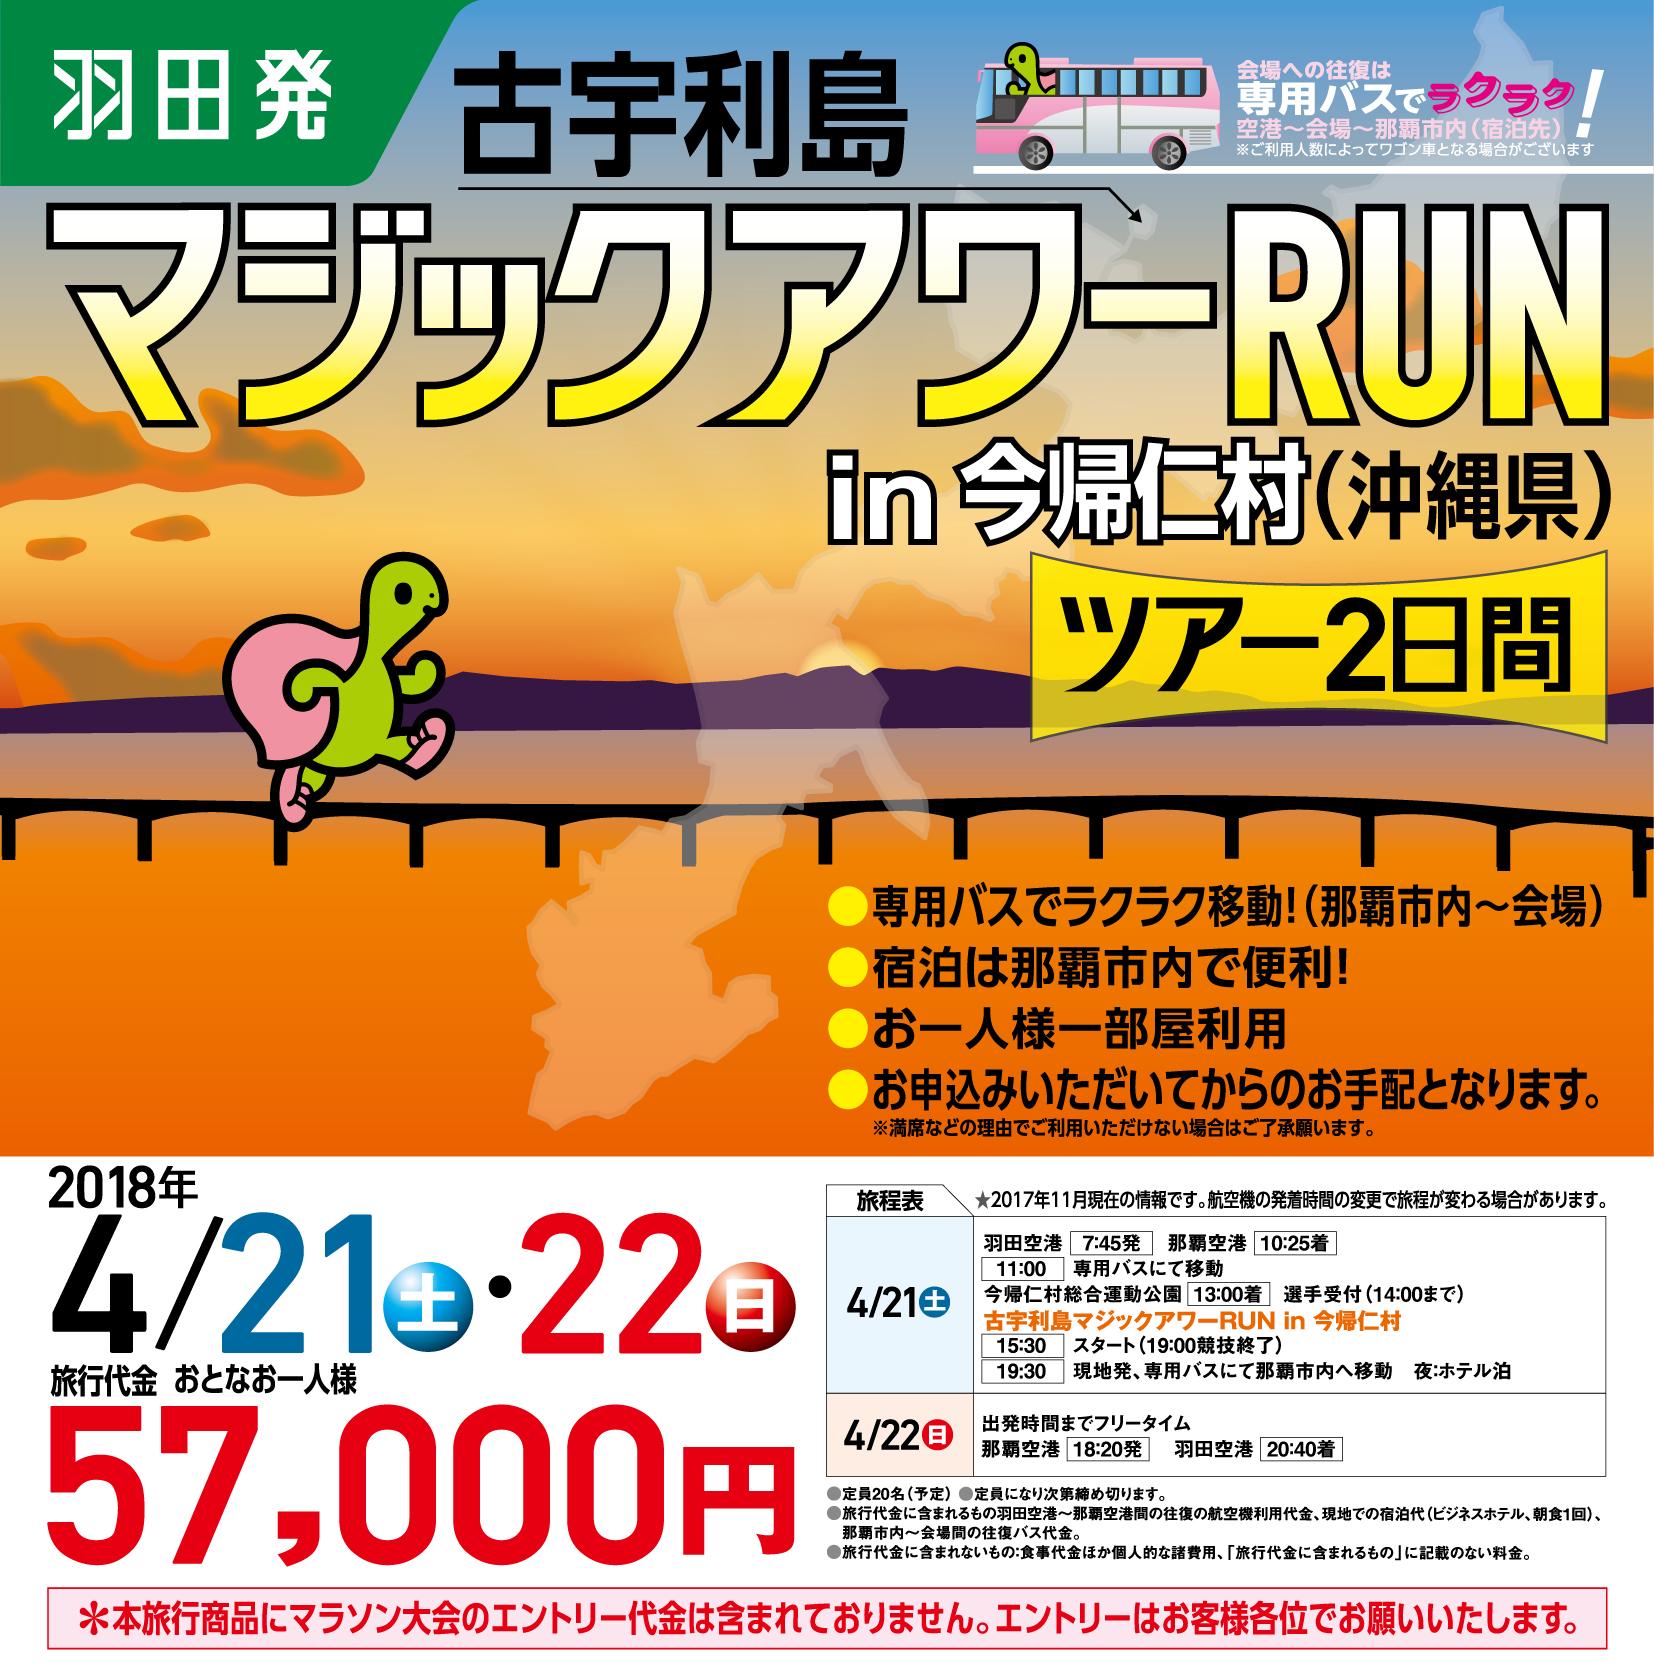 古宇利島マジックアワーRUN 2018 in 今帰仁村ツアー2日間 羽田発